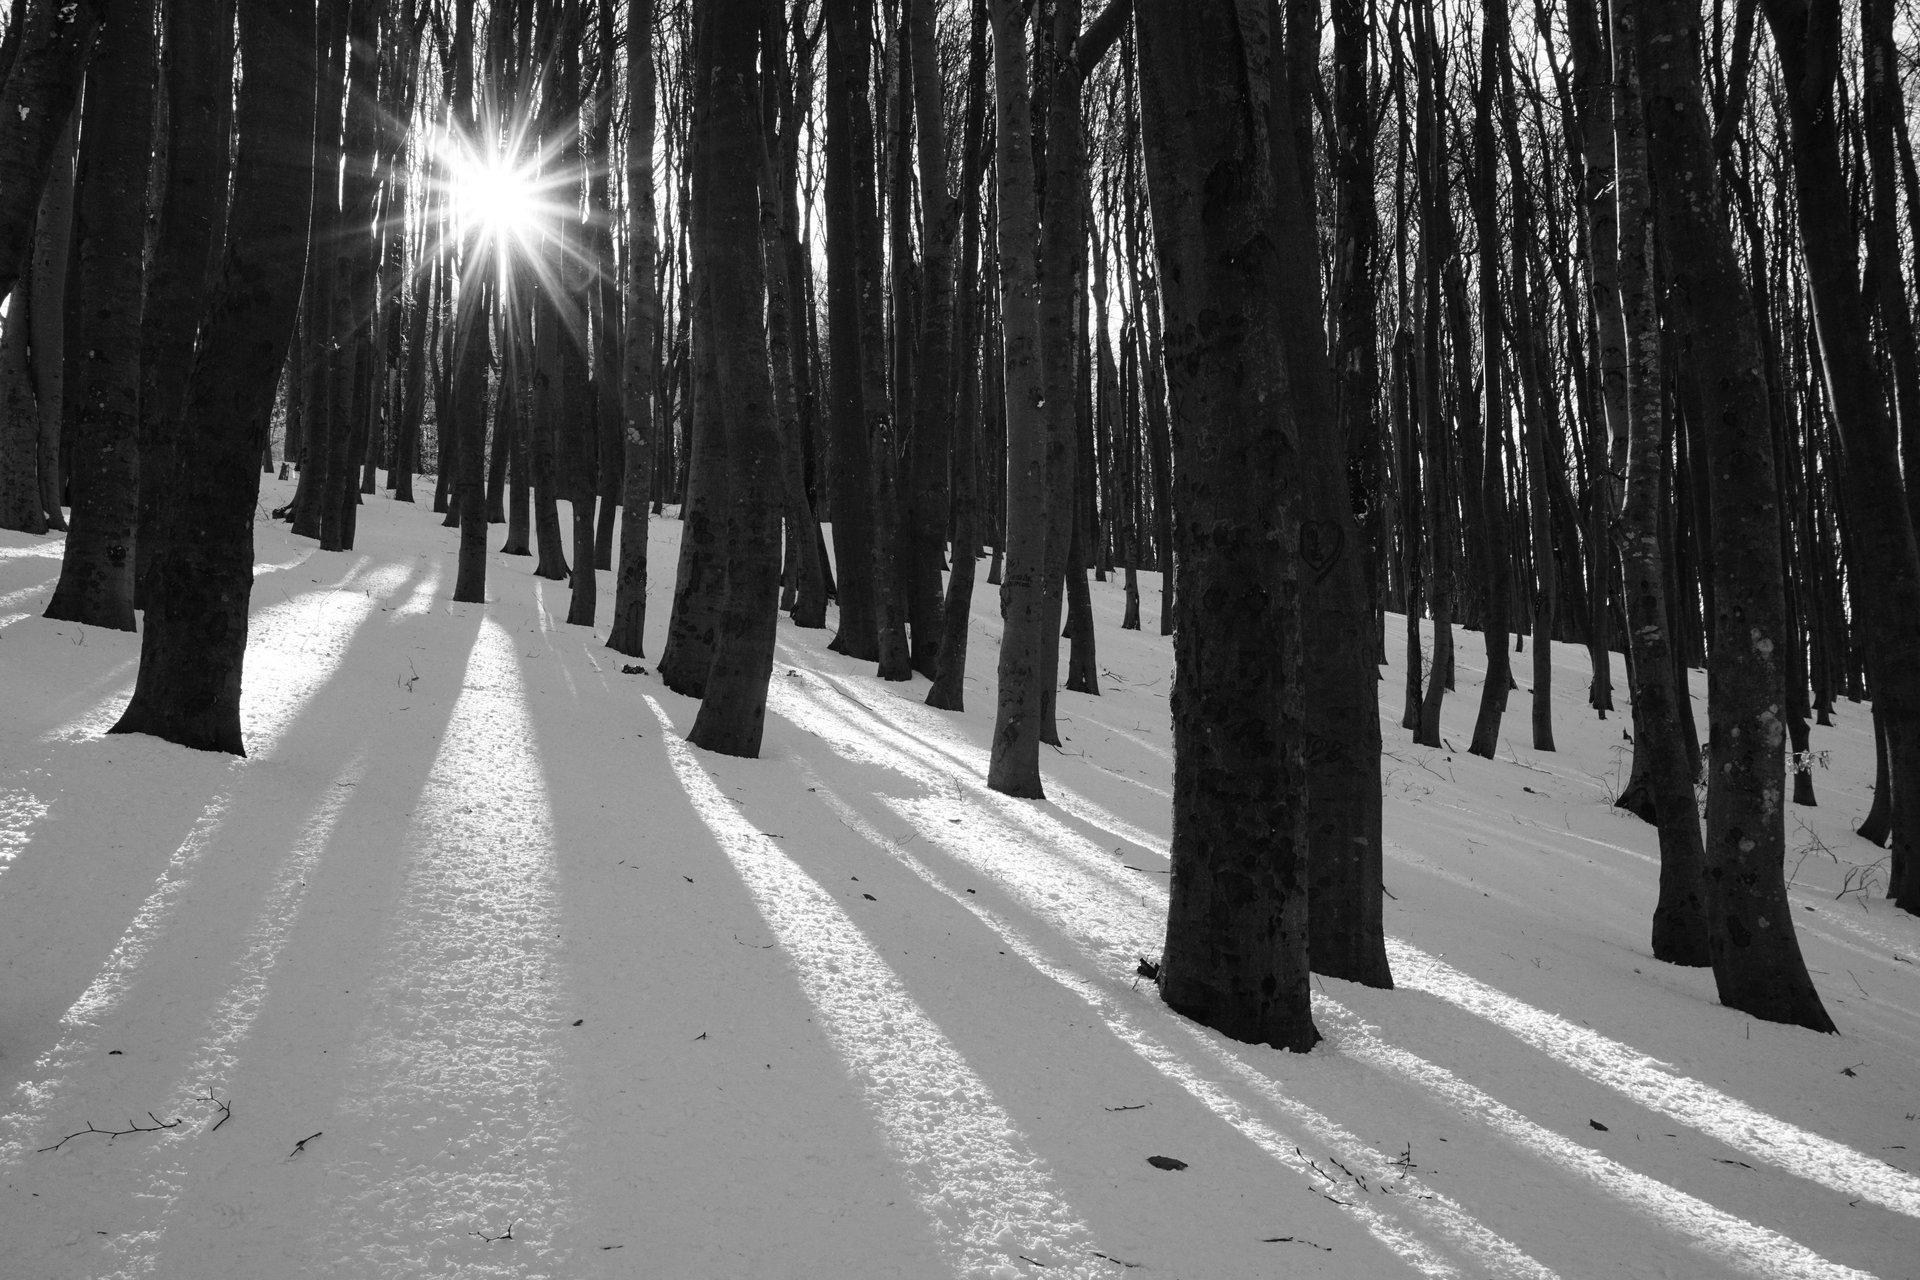 Зимен лъч светлина | Author Bozhidar  Genkov - CaptureTheMoment | PHOTO FORUM